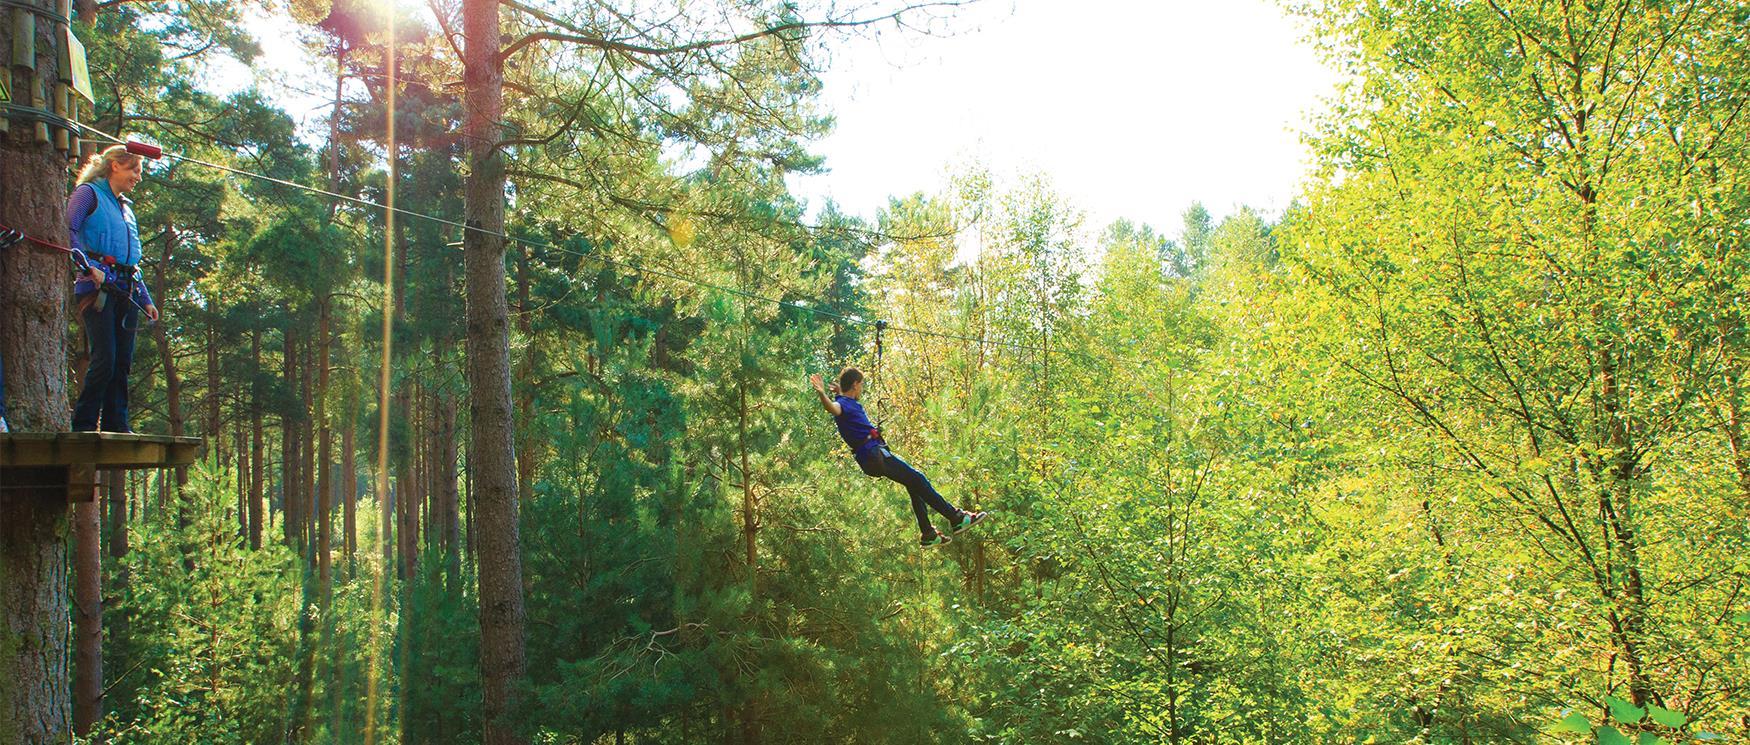 Go Ape Tree Top Adventure